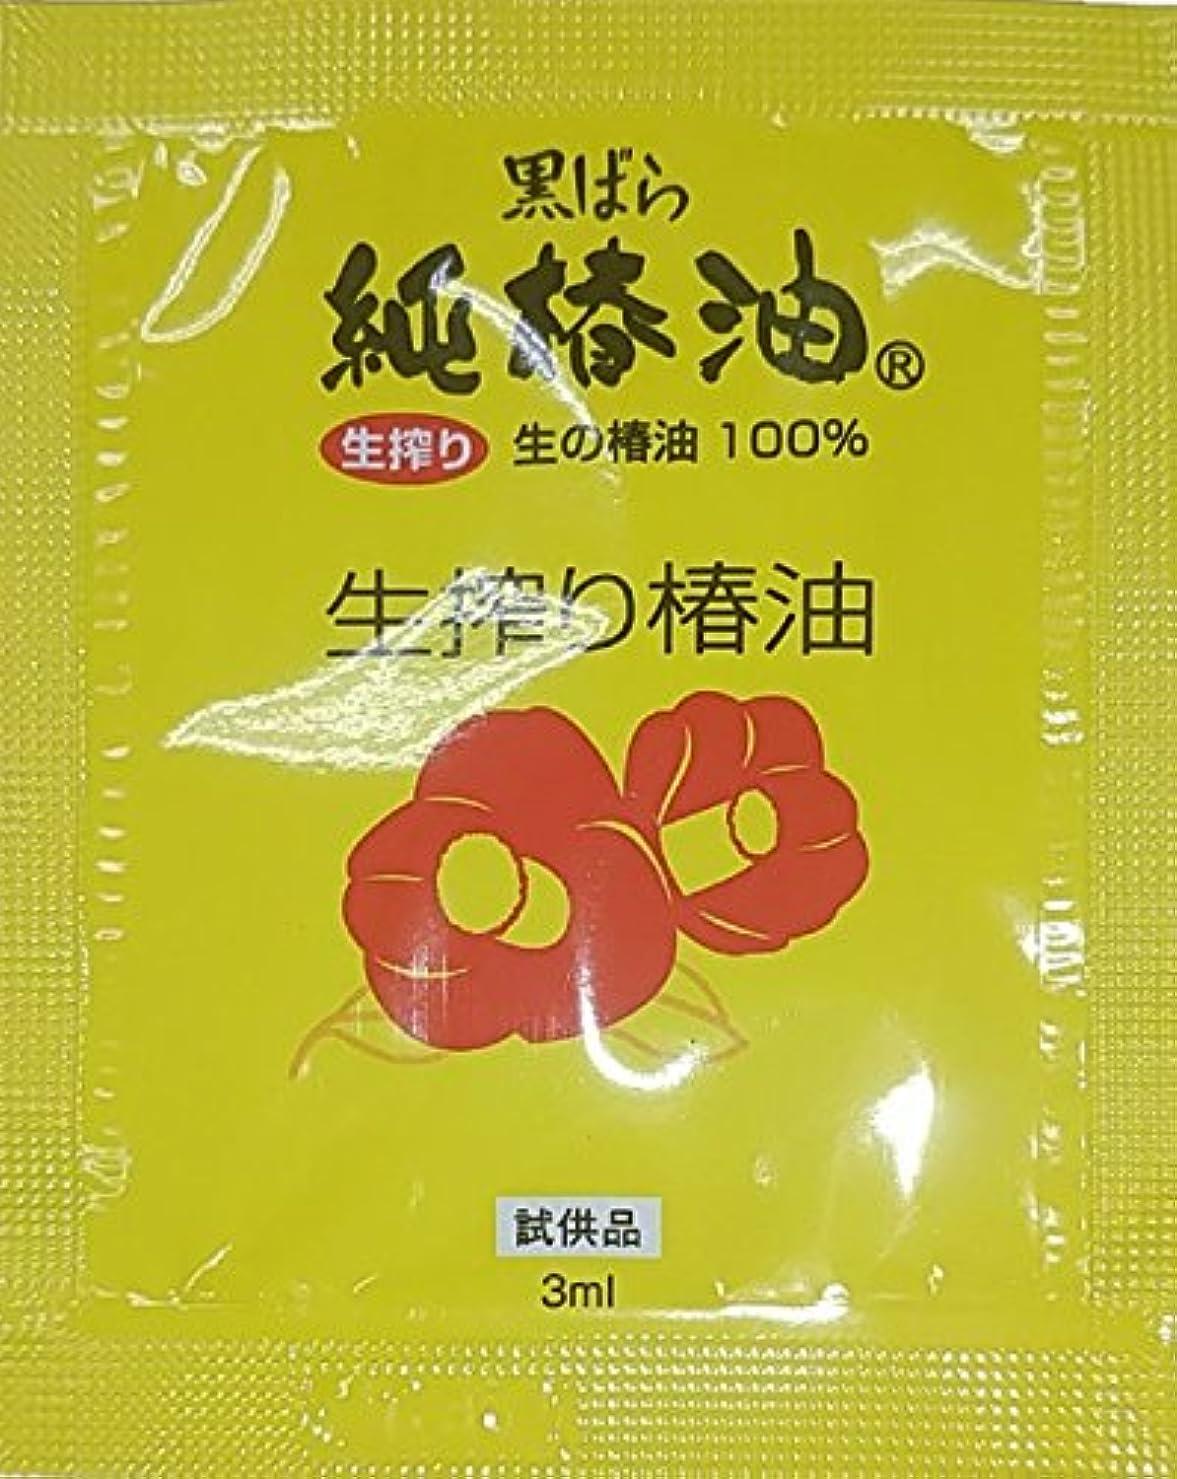 パスタ記述する蓄積する純椿油ミニサイズ3ml【実質無料サンプルストア対象】